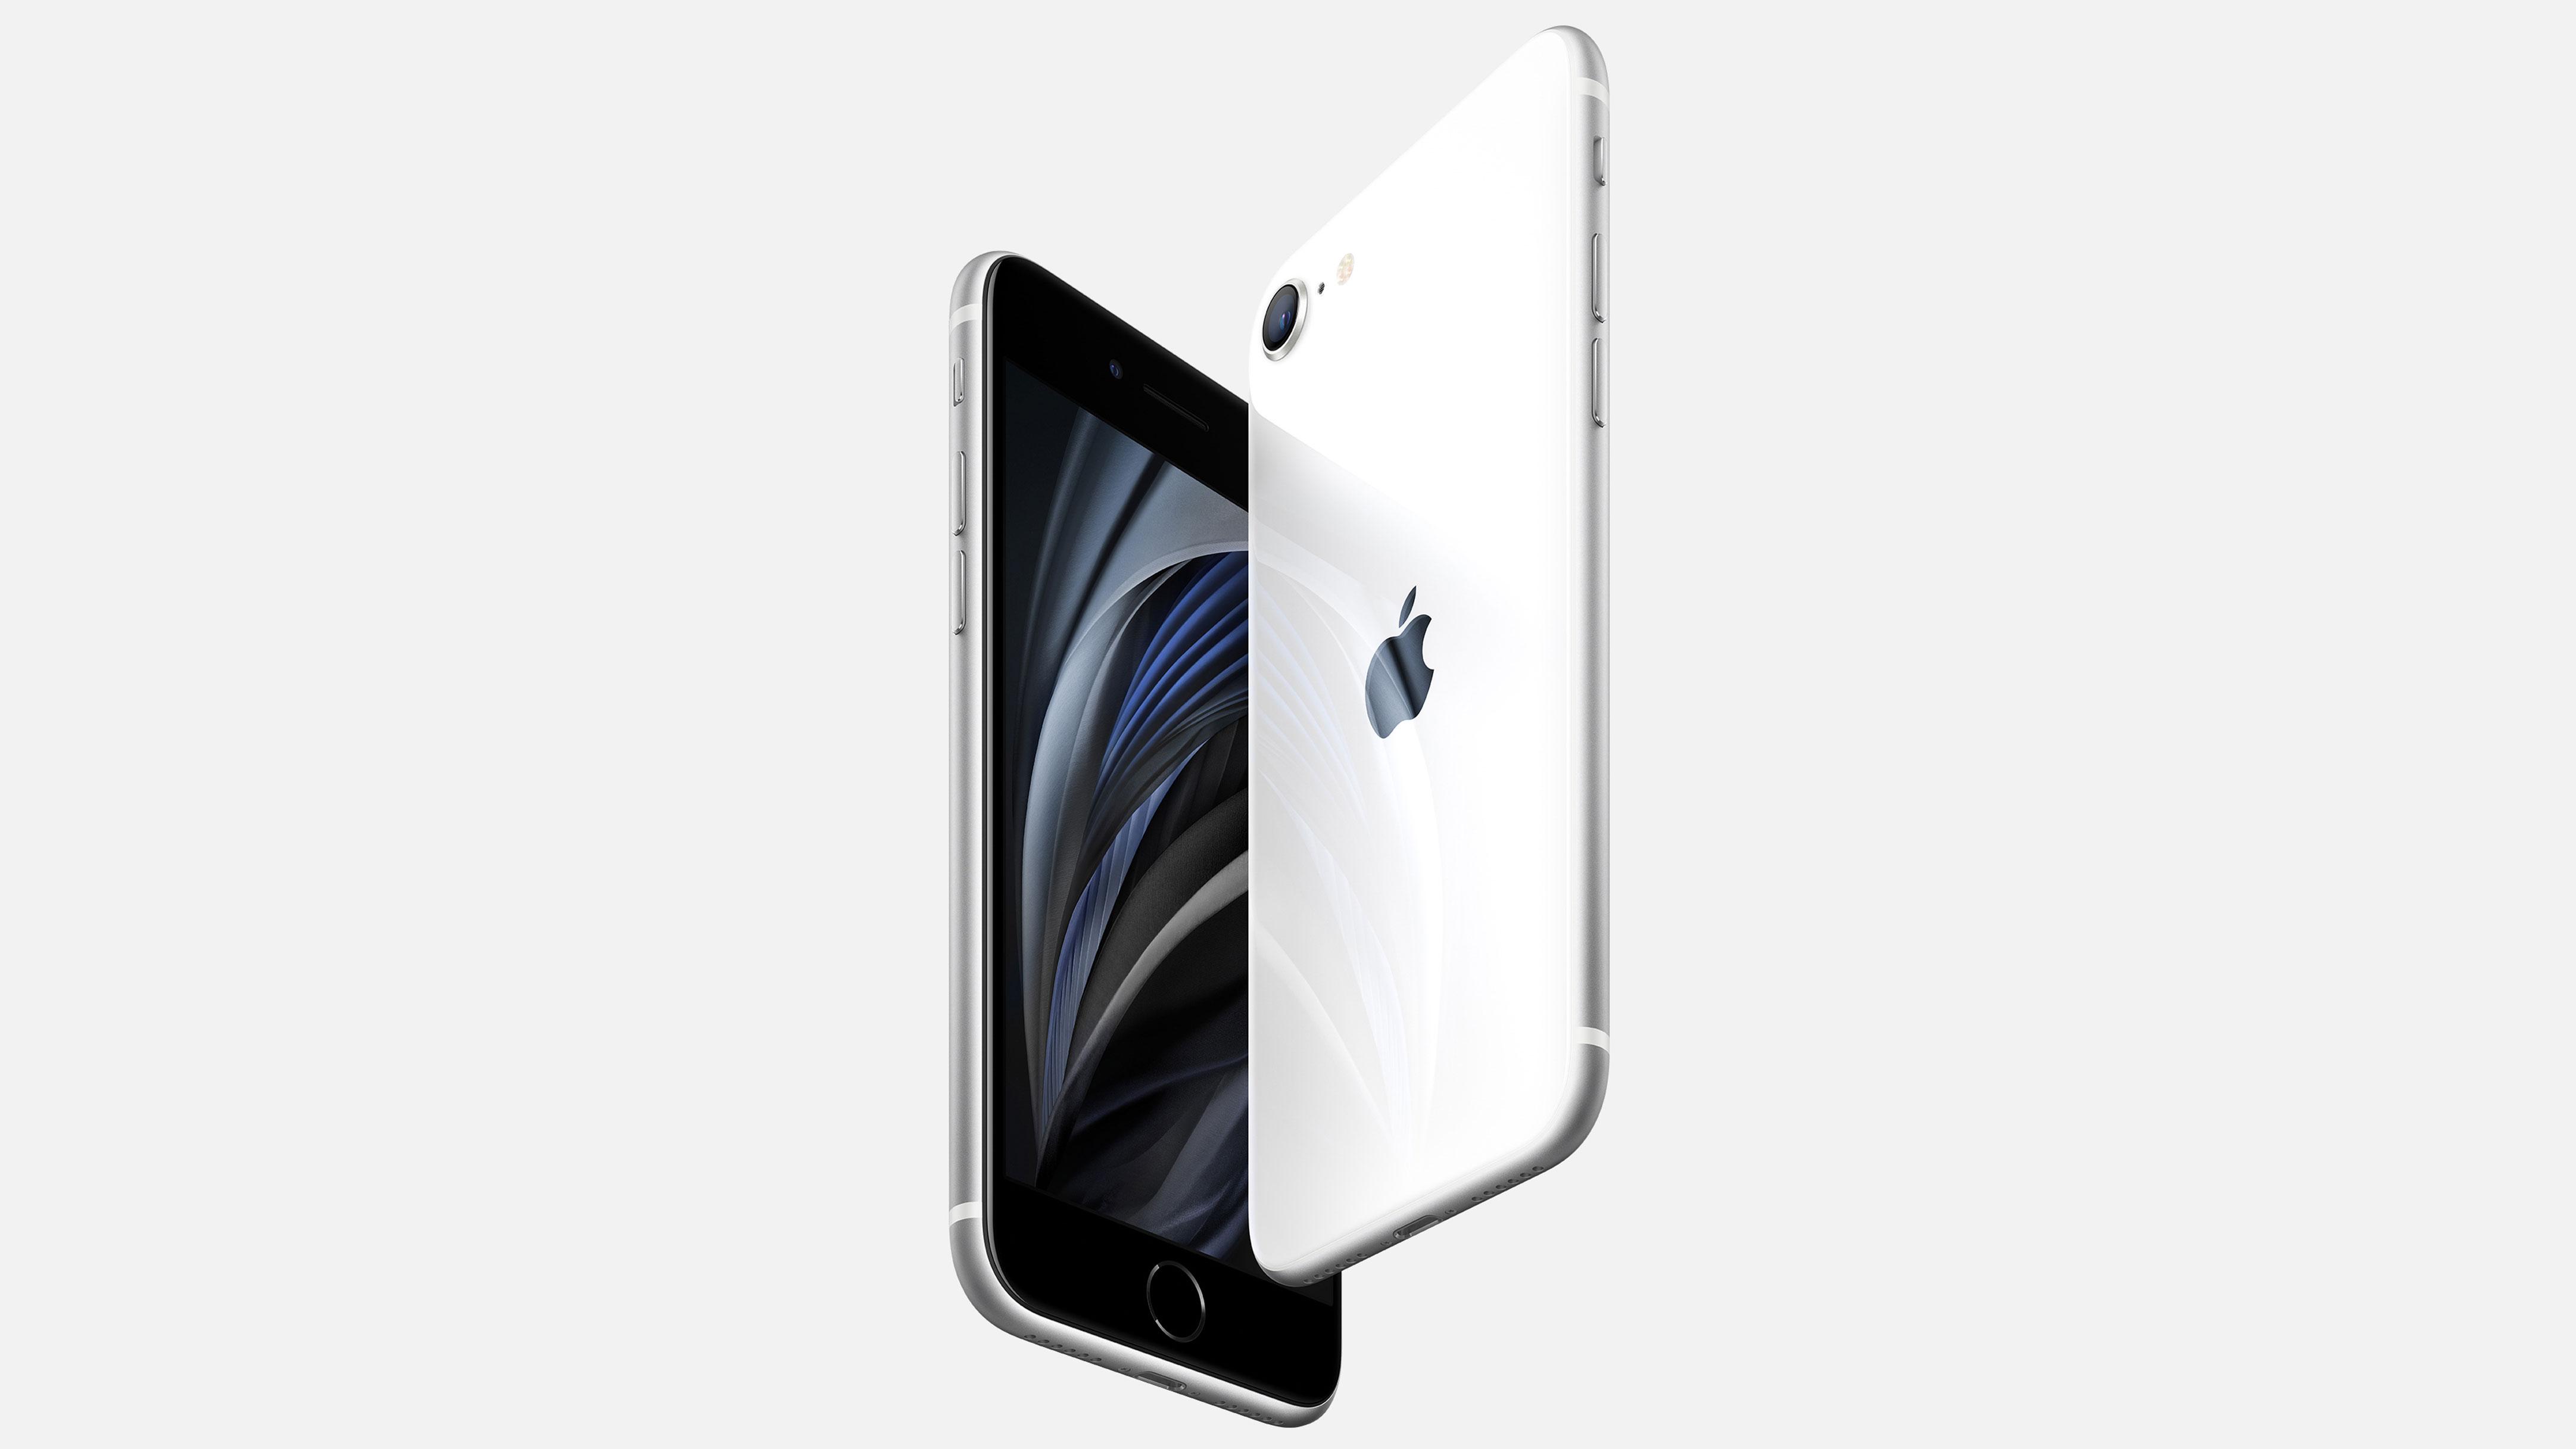 iPhone và Android nhiều ưu đãi trong chương trình điện thoại giảm giá - Ảnh 2.